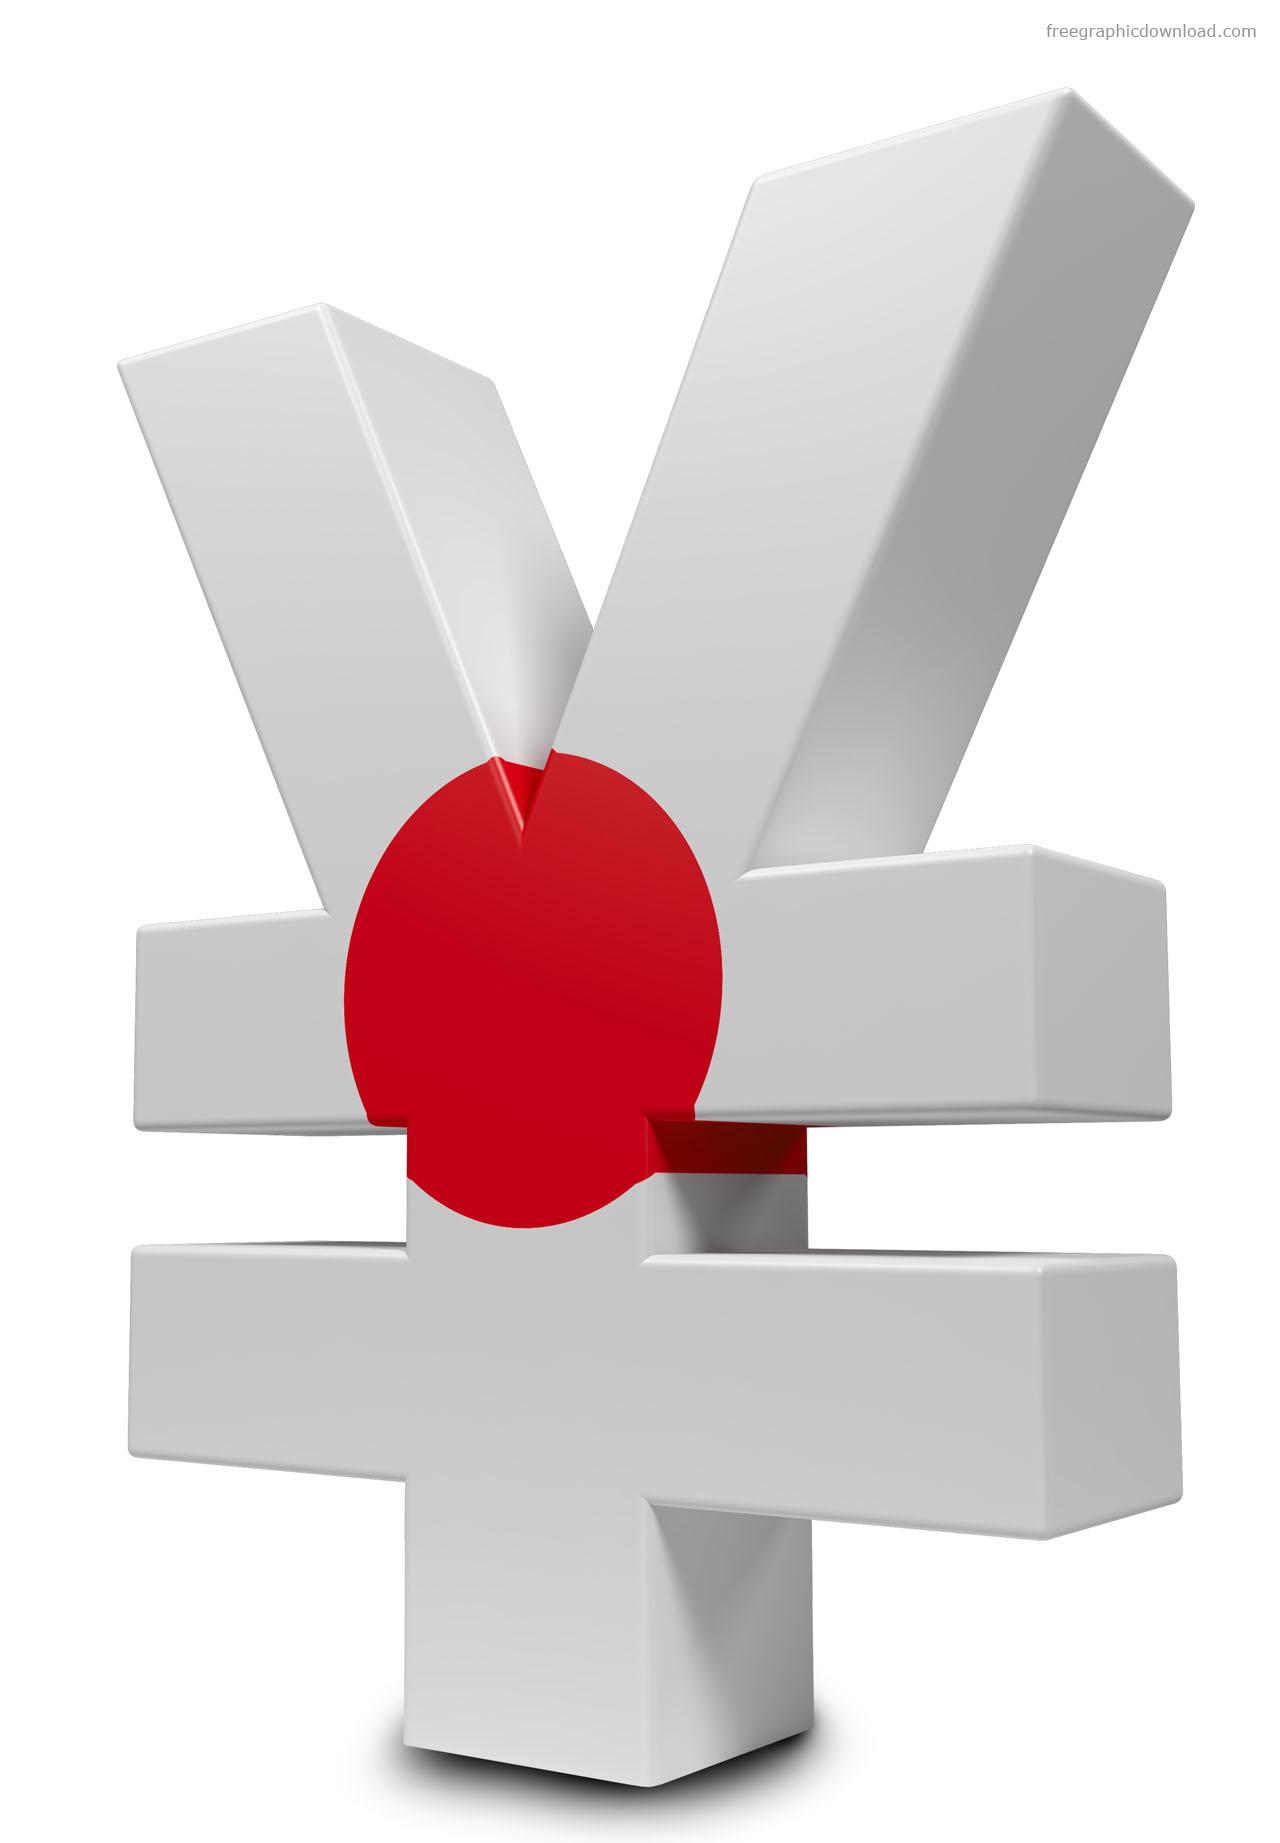 4 أشياء تهمك ببيان بنك اليابان القادم